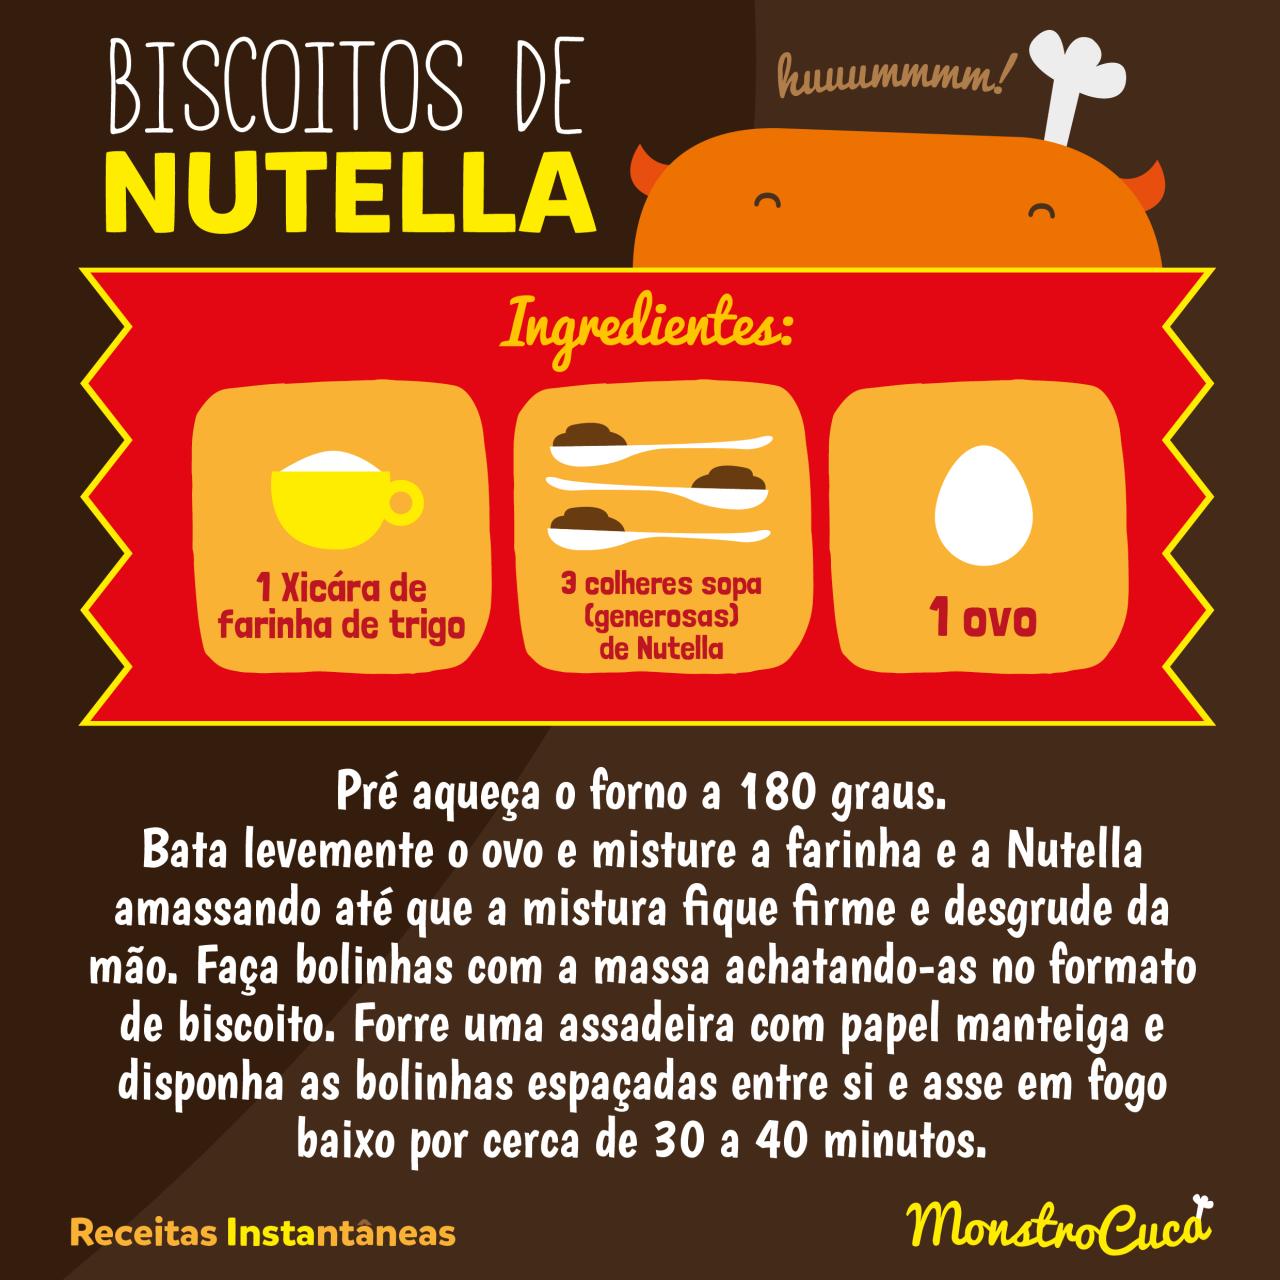 Receita nova no Instagram do Monstro, Biscoito de Nutella.Já tá seguindo as #receitasinstantâneas? Essa e outras receitas do Monstro você também encontra lá: http://instagram.com/monstro_cuca